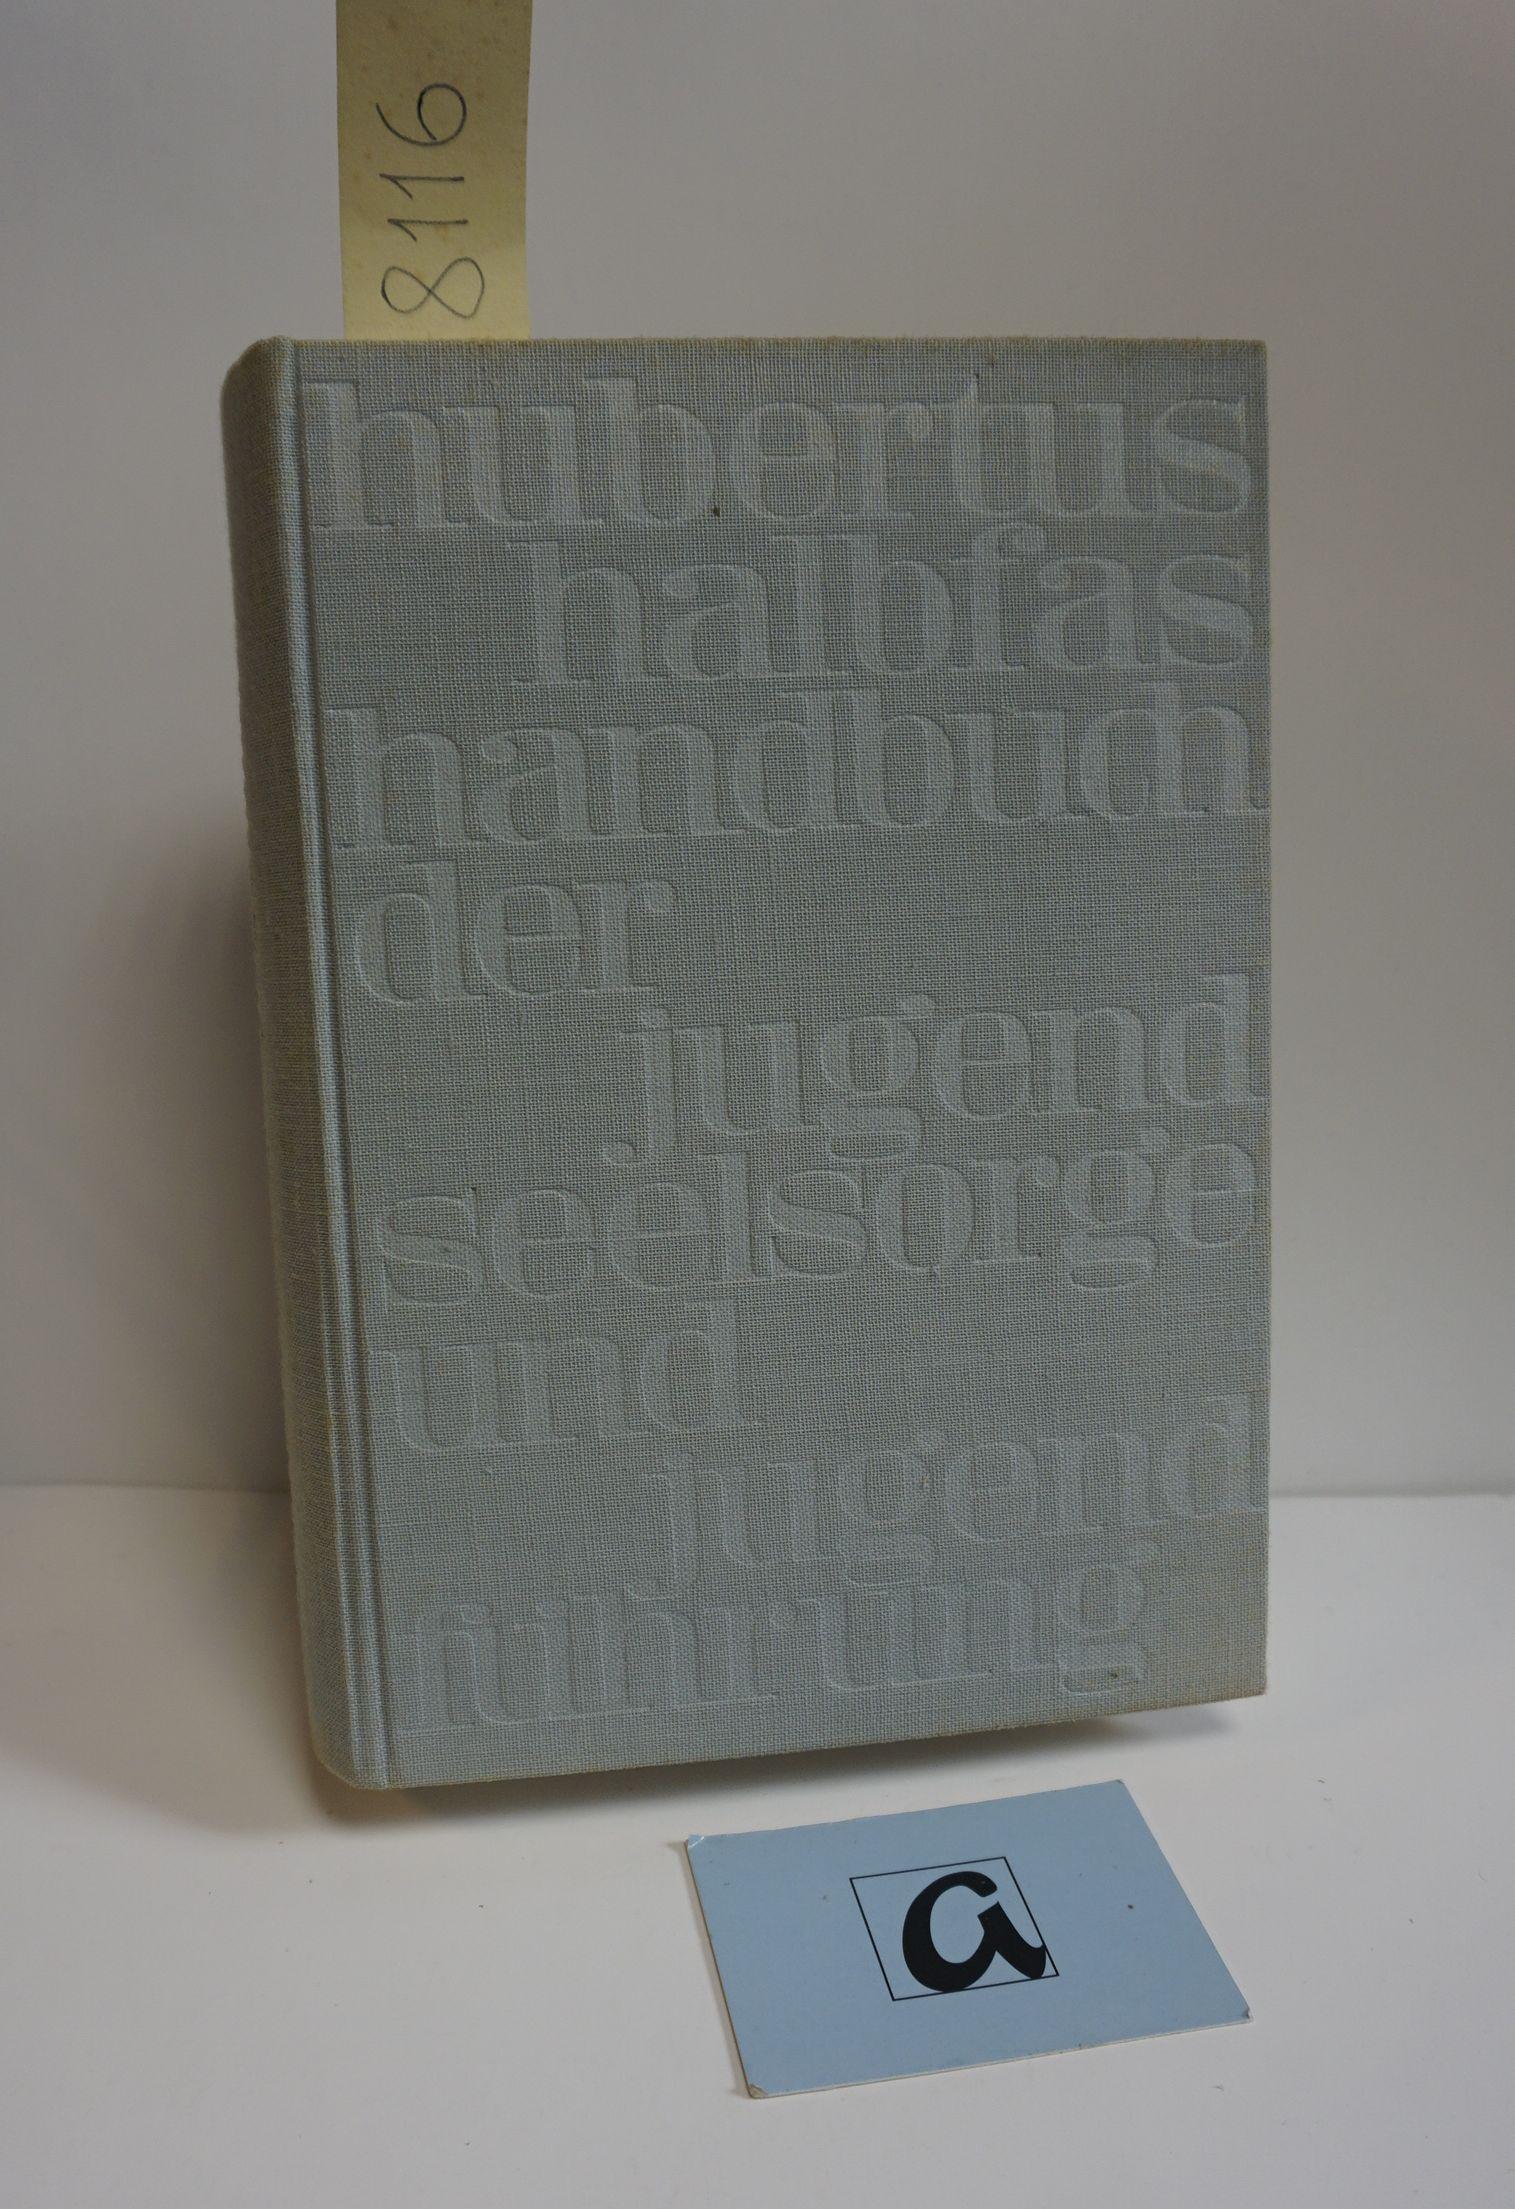 Handbuch der Jugendseelesorge und Jugendführung.: Halbfas, Hubertus